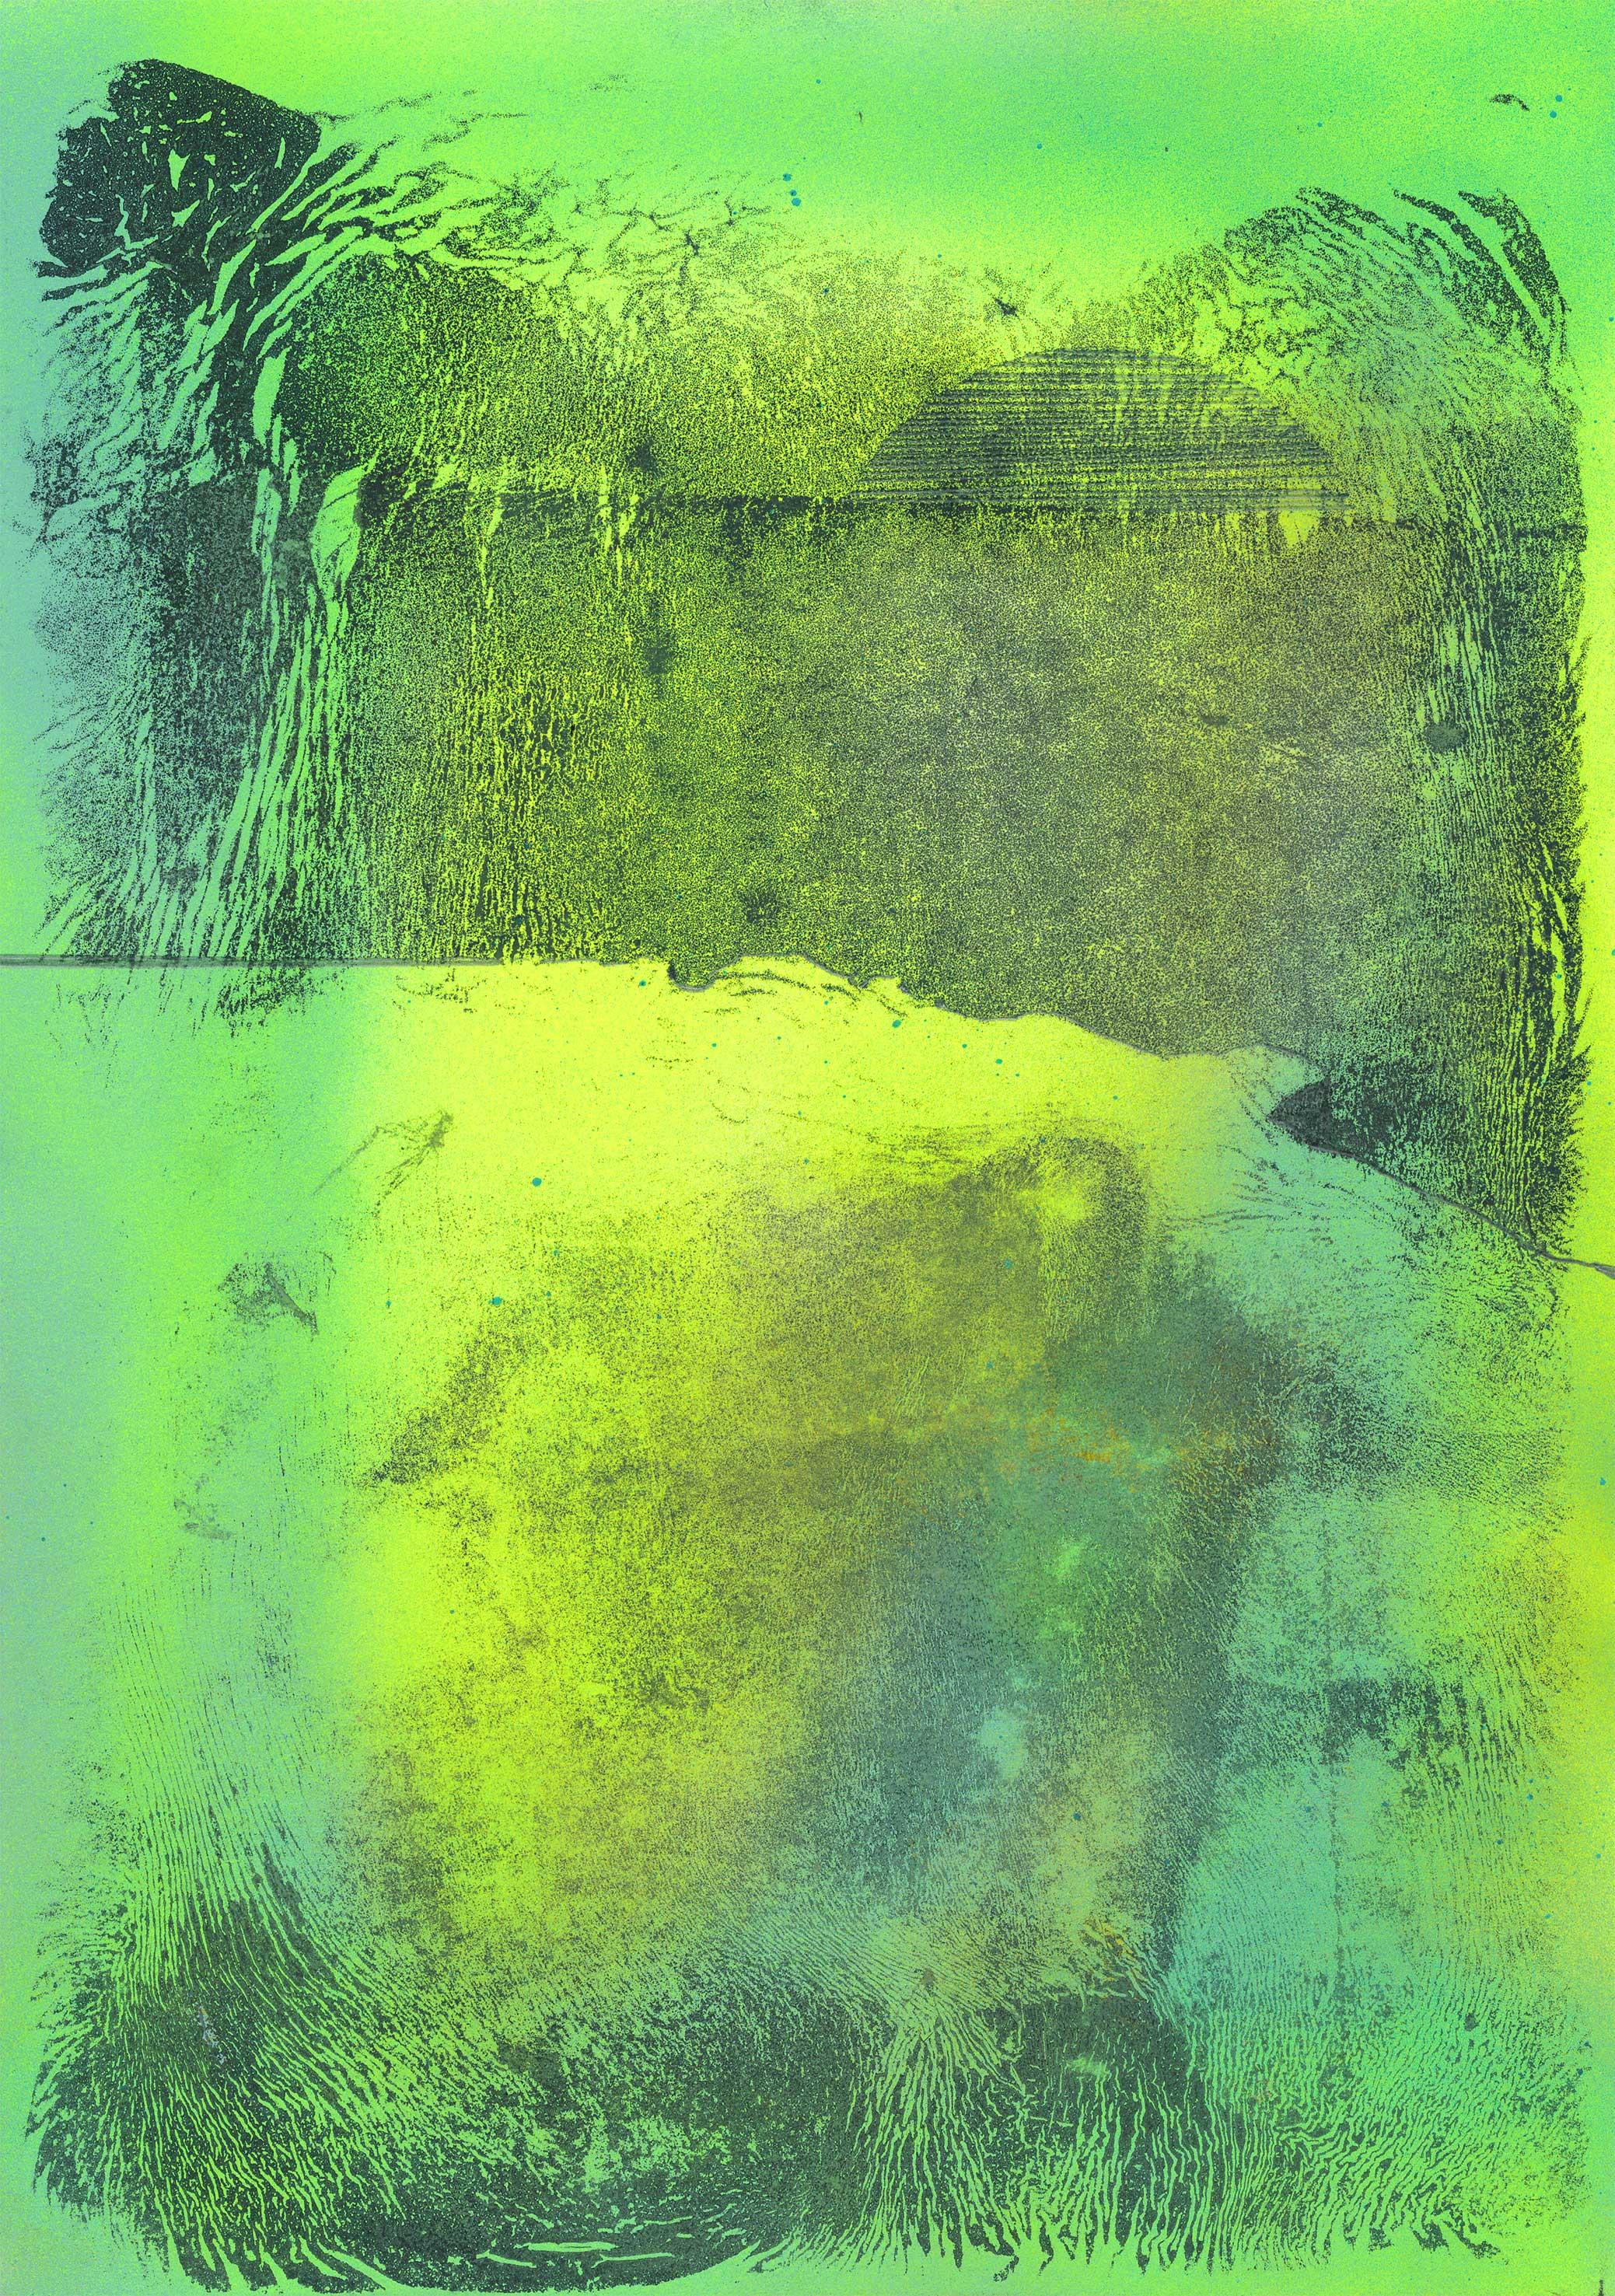 ohne Titel Acryl und Bleistift auf Papier 30 x 21 cm courtesy Galerie Krinzinger